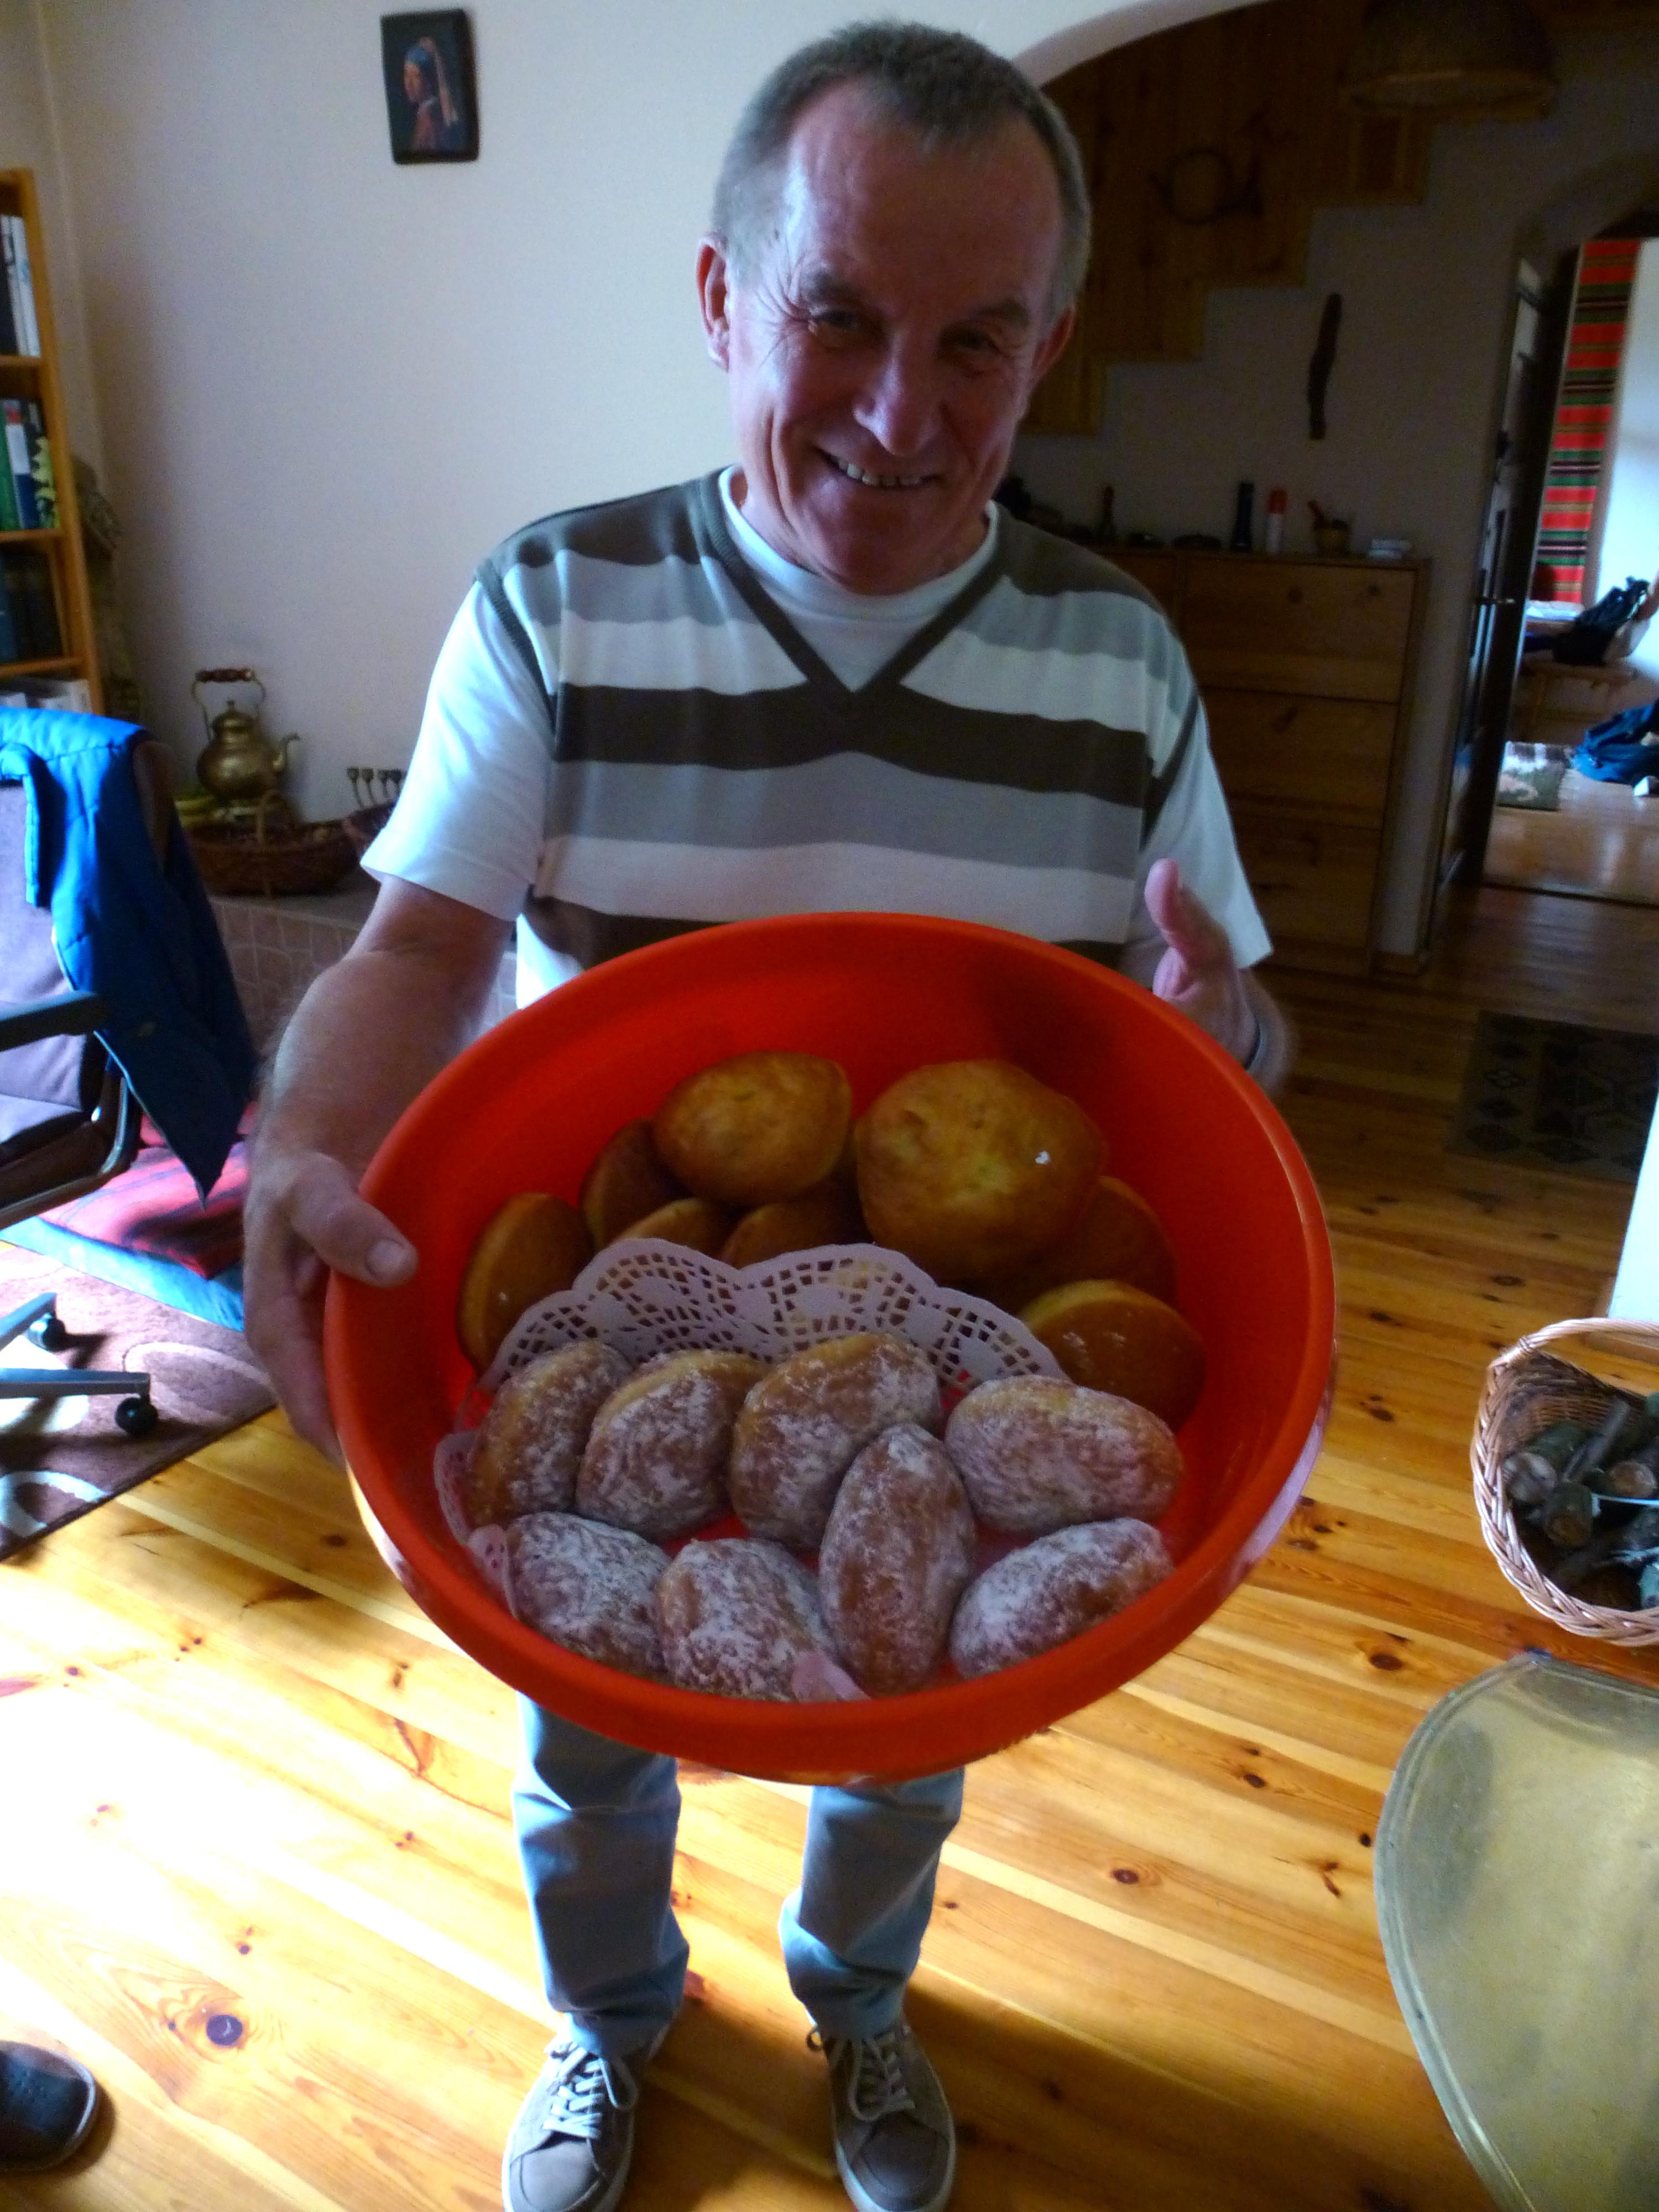 Donut bringer Stefan